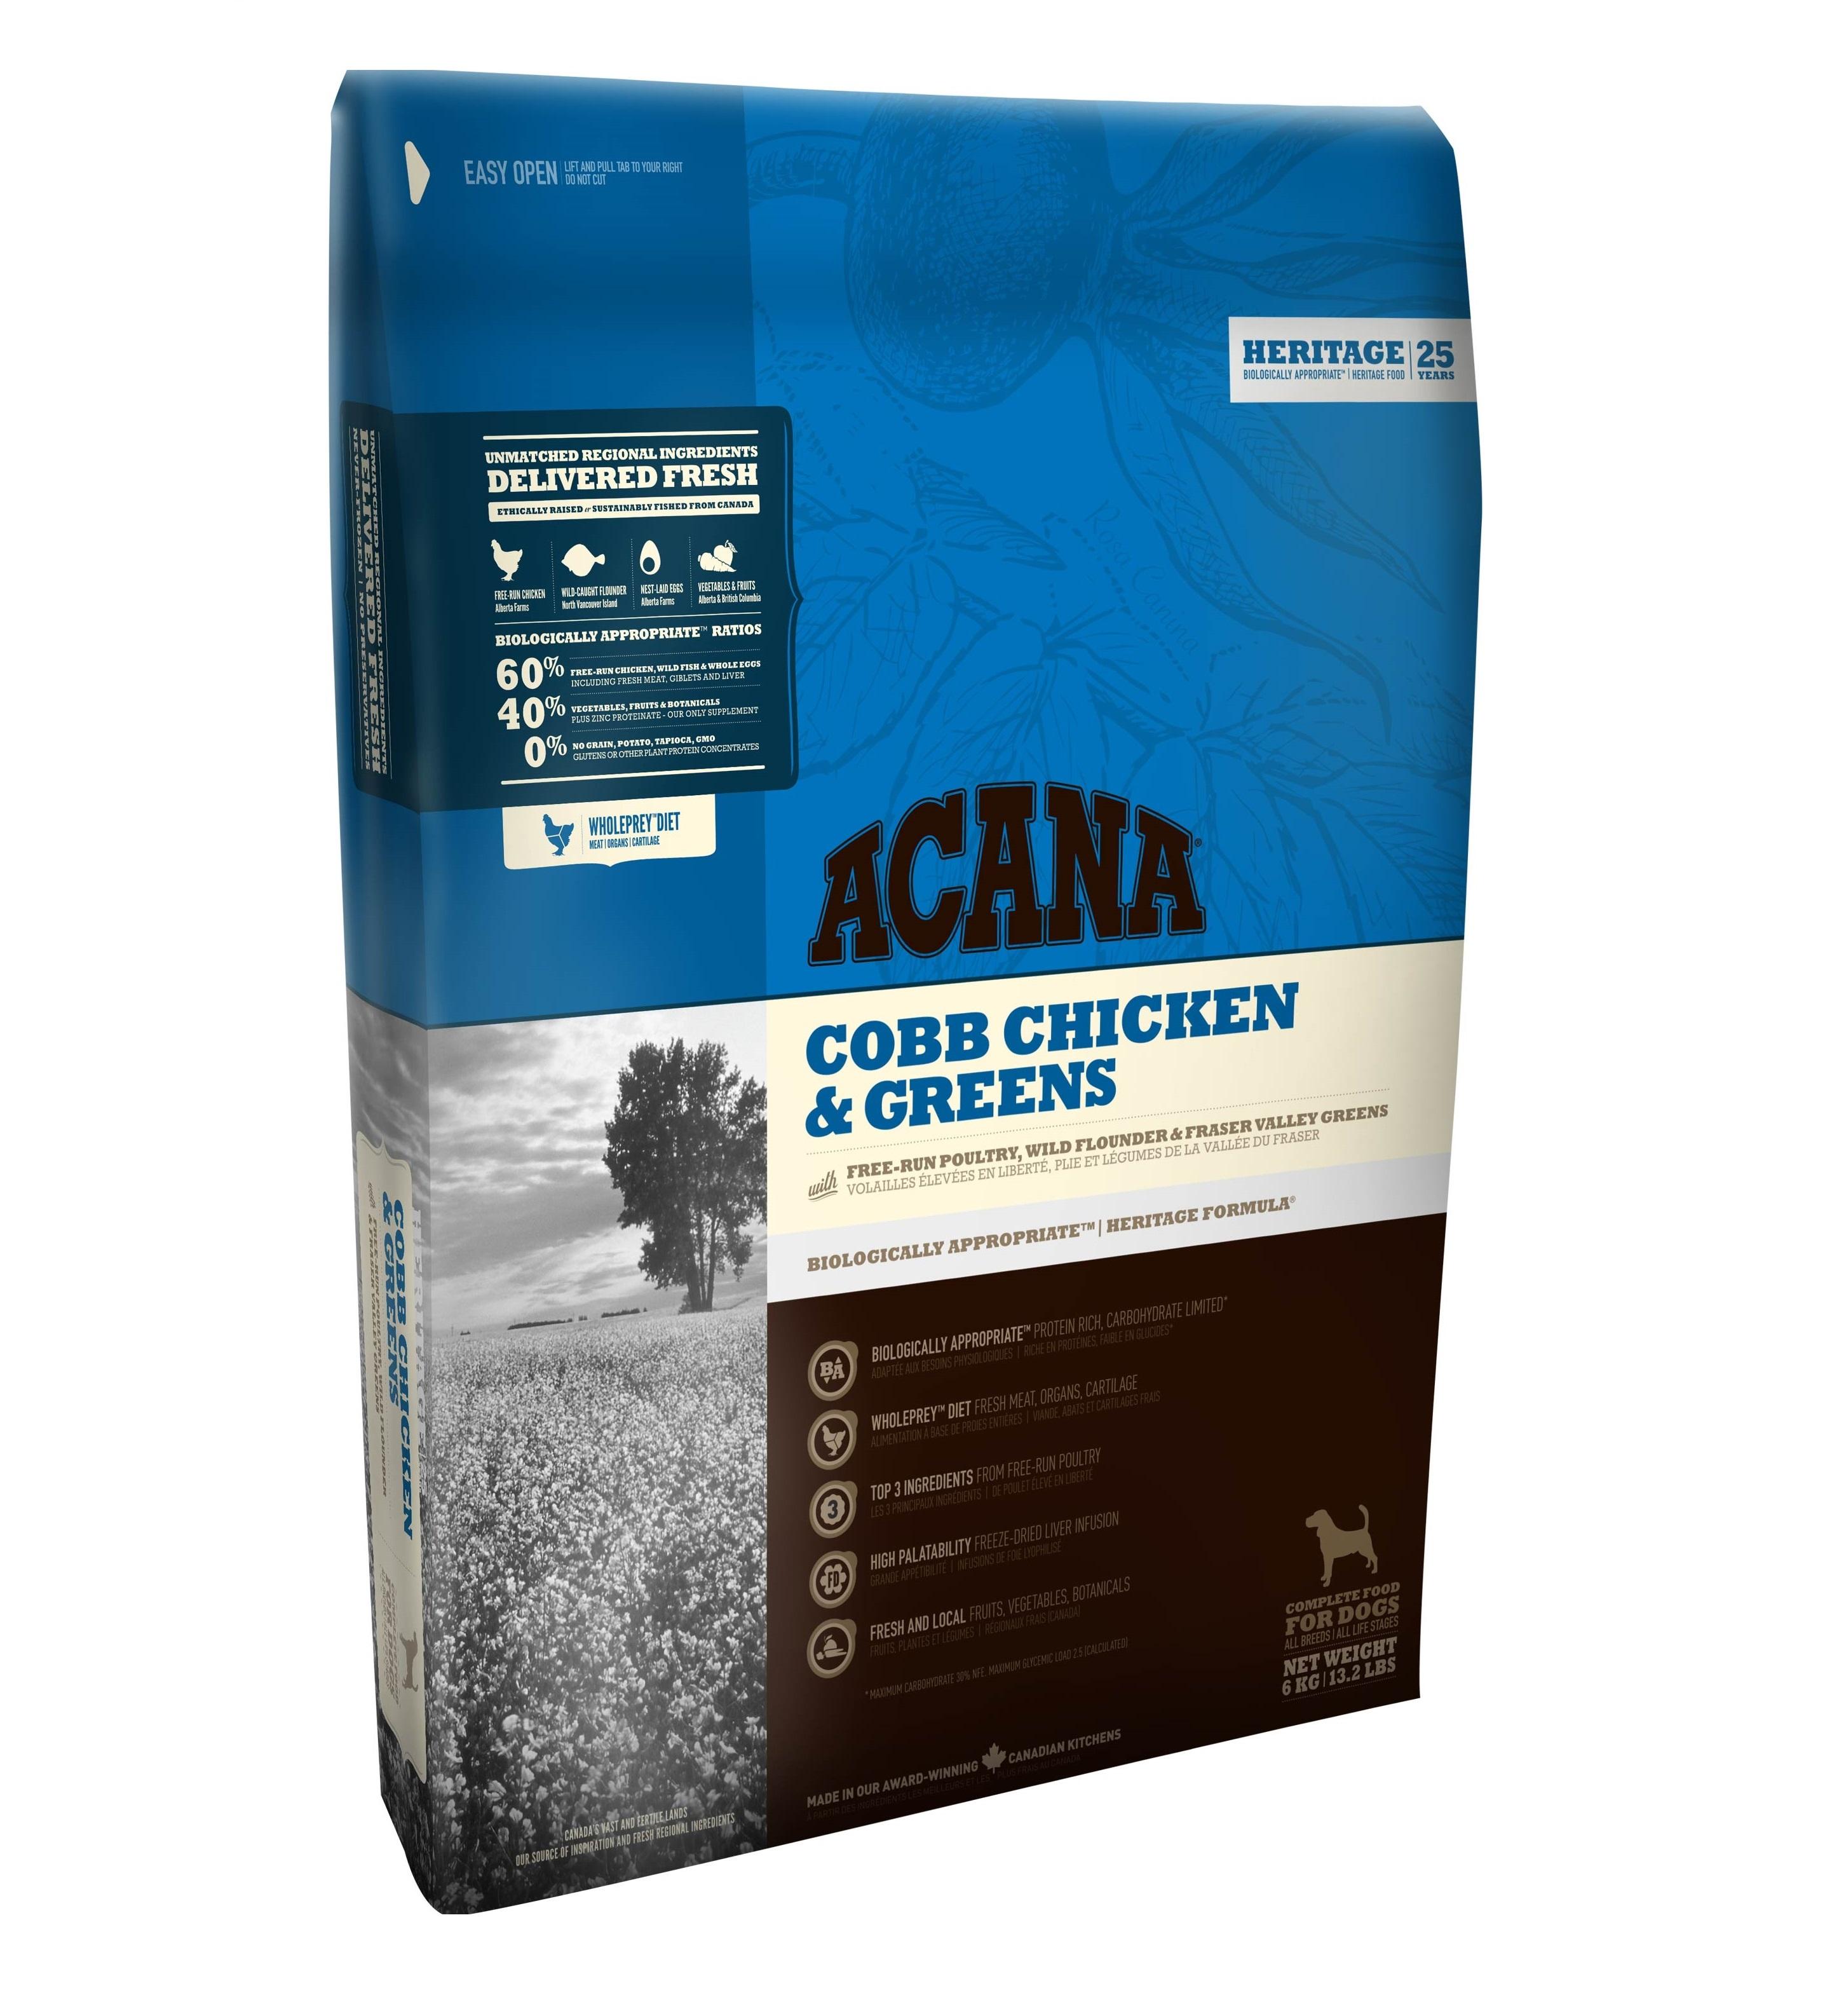 ACANA Dog Cobb Chicken & Greens HERITAGE 17kg